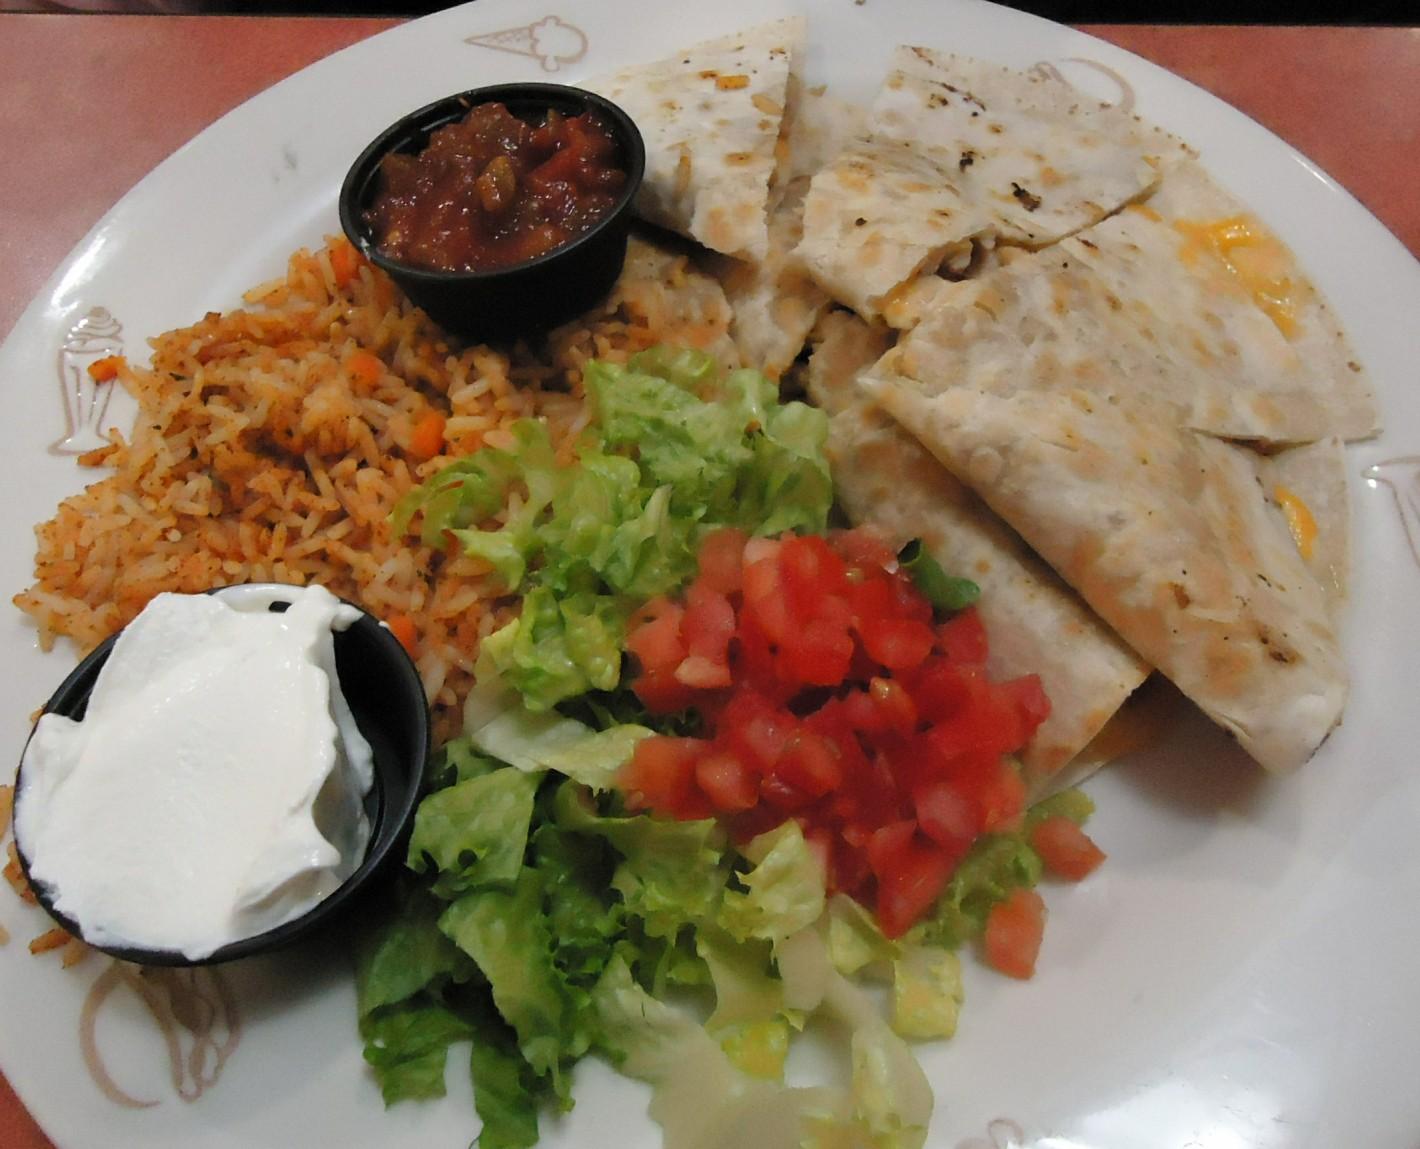 Http Commons Wikimedia Org Wiki File Dinner At Friendlys Restaurant Quesedillas Jpg